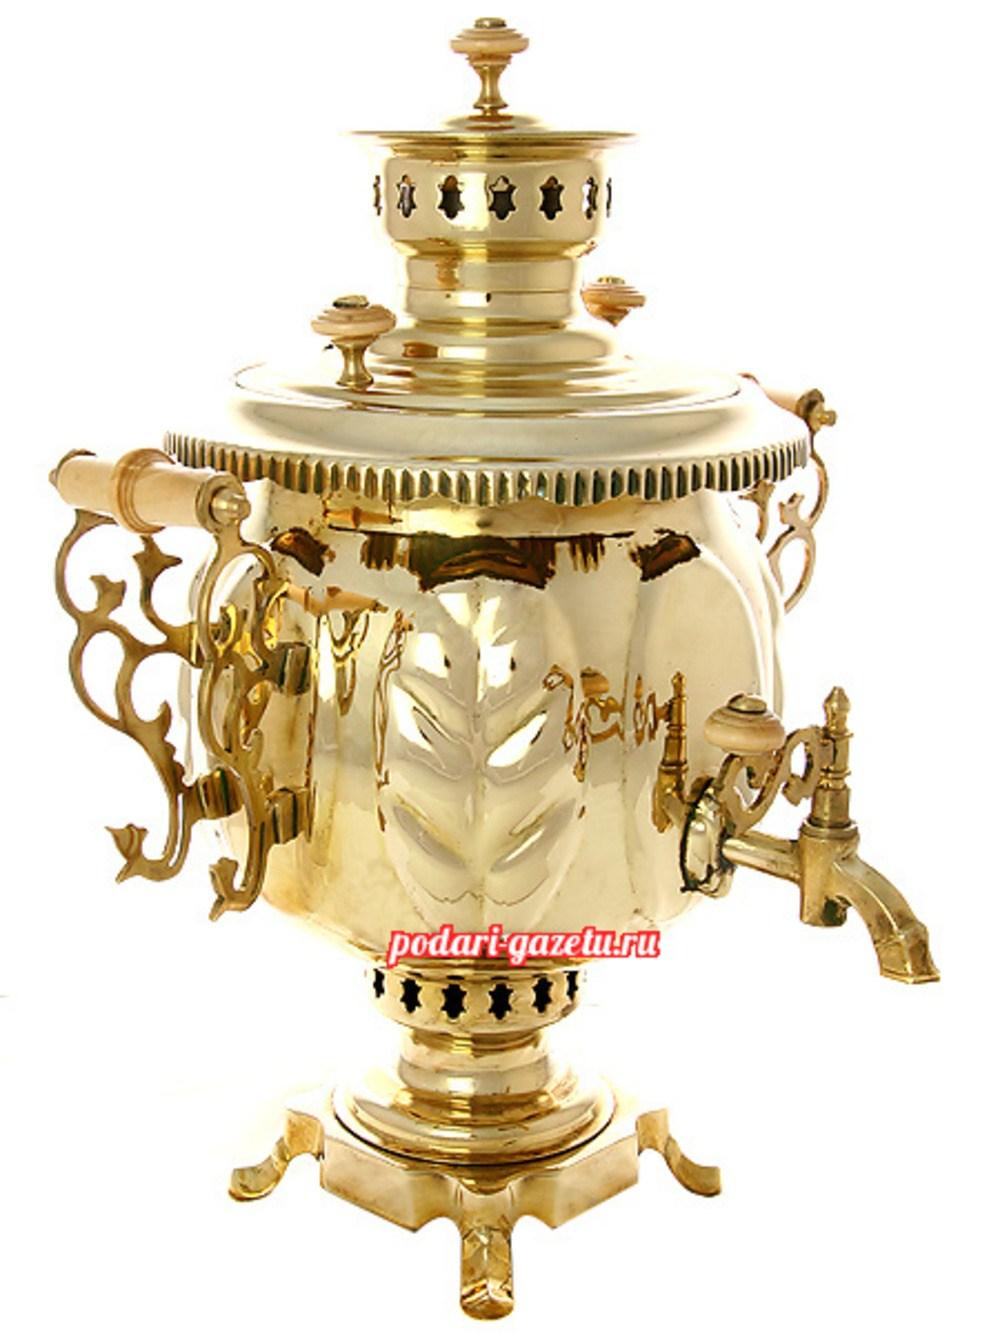 Комбинированный самовар (электрический/угольный) на 4,5 литра желтый шар, Премиум